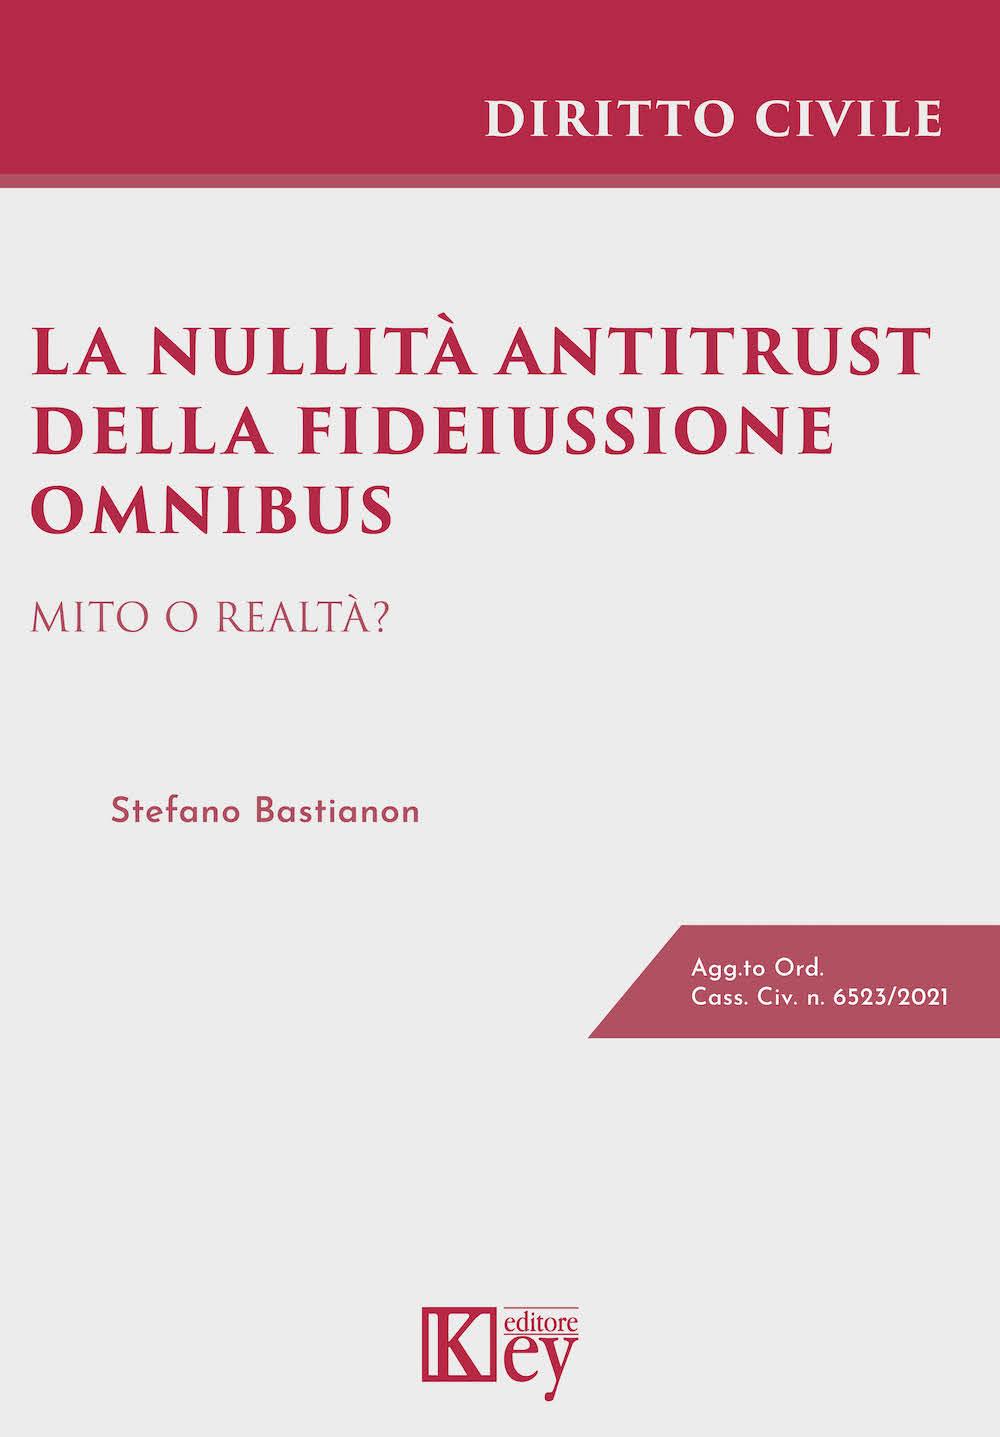 9788827907788 La nullità antitrust della fideiussione omnibus